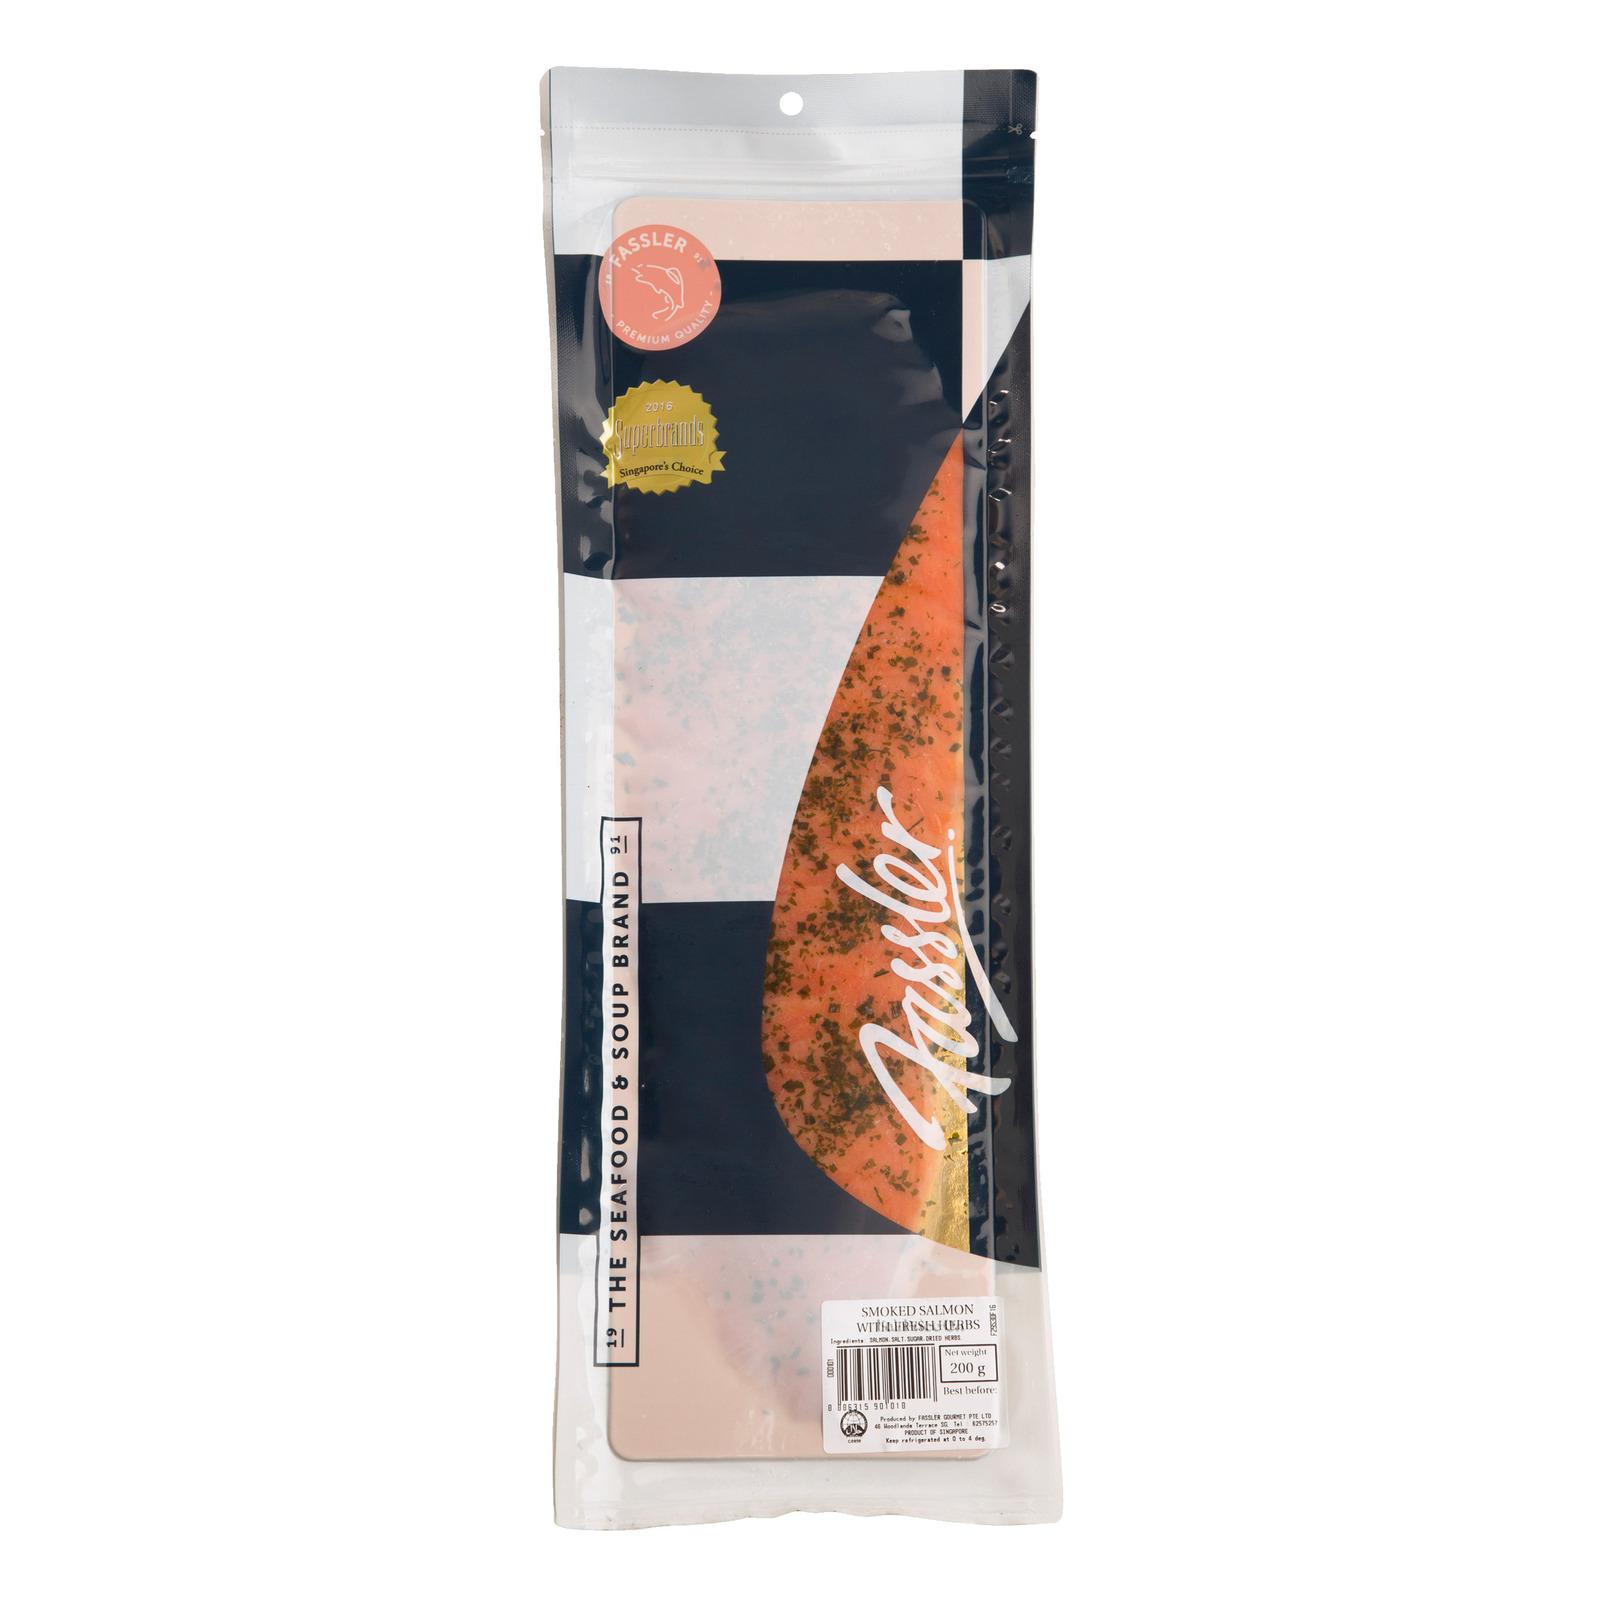 Fassler Smoked Salmon - Fresh Herbs